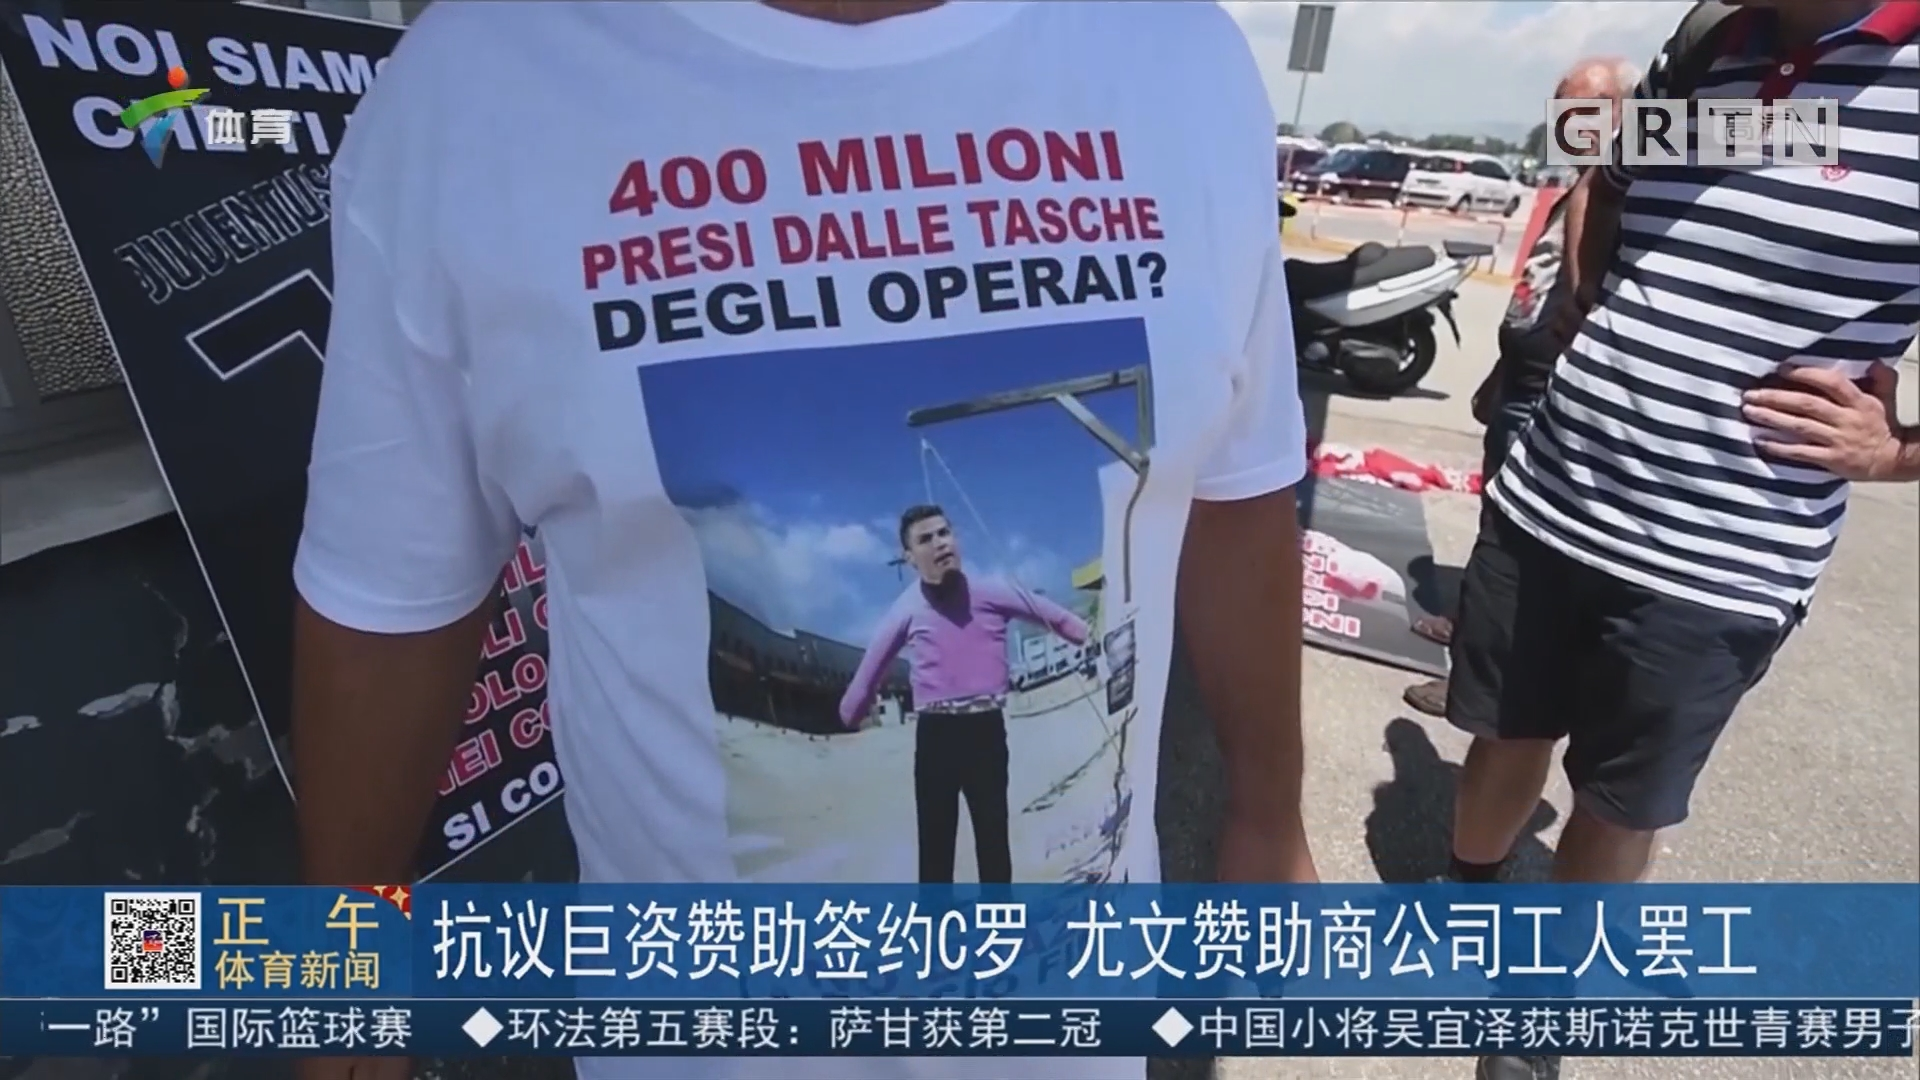 抗议巨资赞助签约C罗 尤文赞助商公司工人罢工